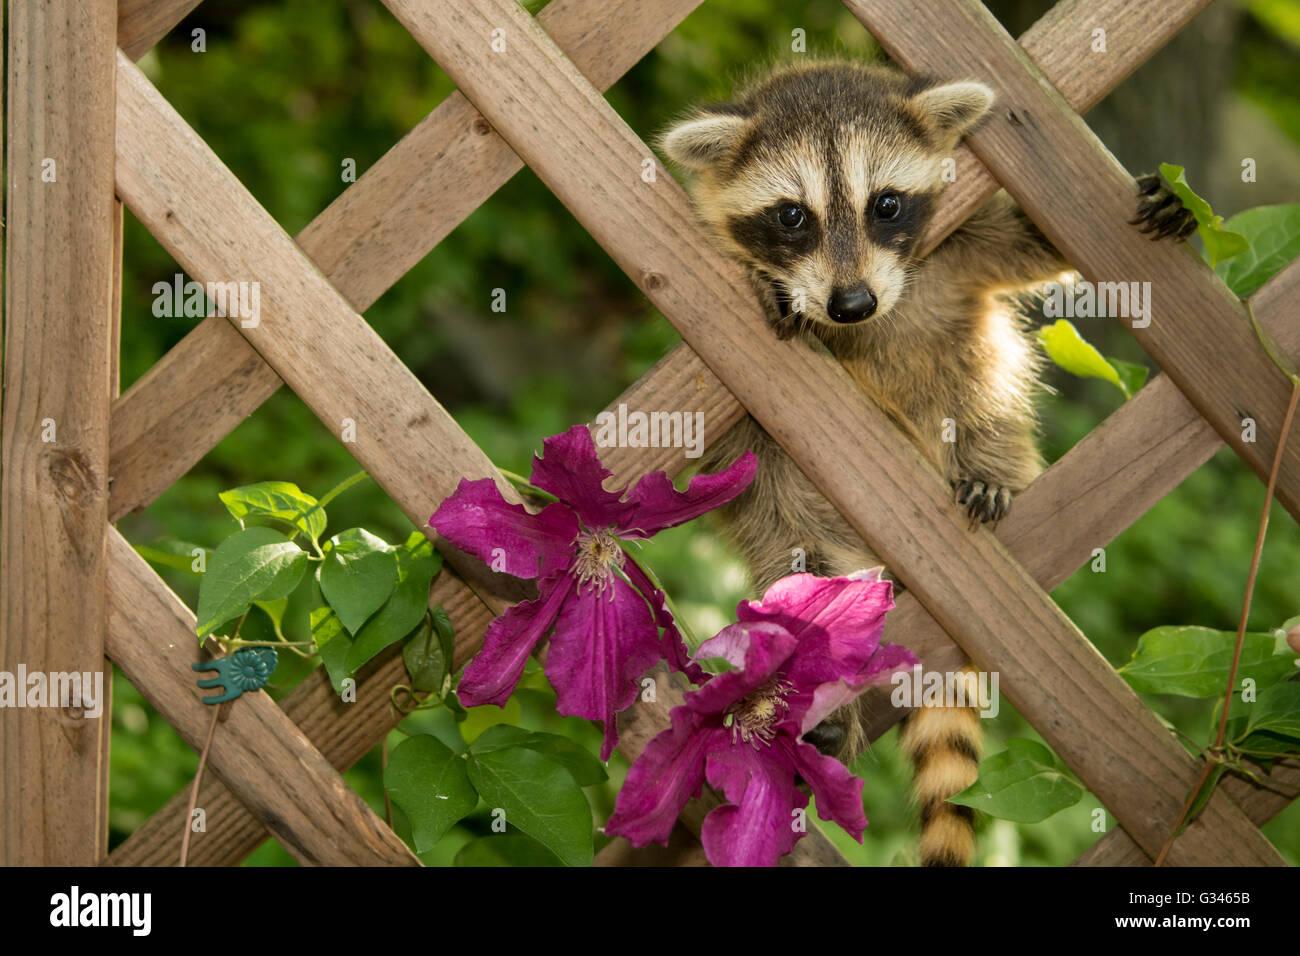 Un bébé raton laveur de l'escalade dans le jardin Photo Stock